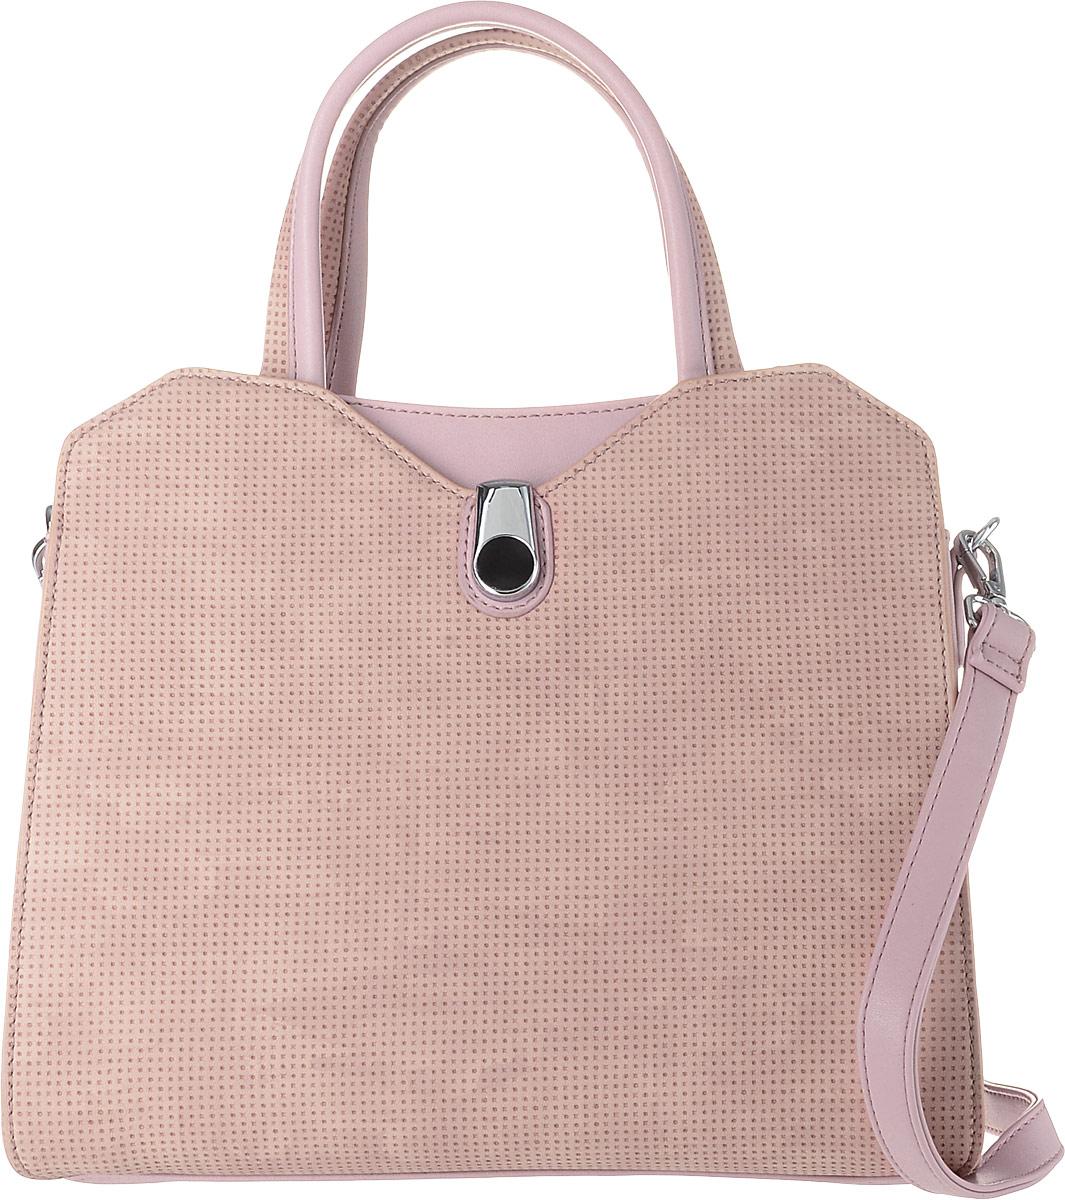 Сумка женская Flioraj, цвет: розовый. 00053351-1700053351-17Классическая женская сумка Flioraj выполнена в пастельных тонах из высококачественной экокожи. Изделие содержит одно отделение и закрывается на застежку-молнию. Внутри расположены два накладных кармана, врезной карман на застежке-молнии и карман-средник на молнии. Задняя сторона сумки дополнена врезным карманом на молнии, передняя сторона карманом на магнитном замке. Сумка оснащена двумя удобными ручками средней высоты. Дно сумки дополнено металлическими ножками. В комплект входит съемный плечевой ремень, который регулируется по длине.